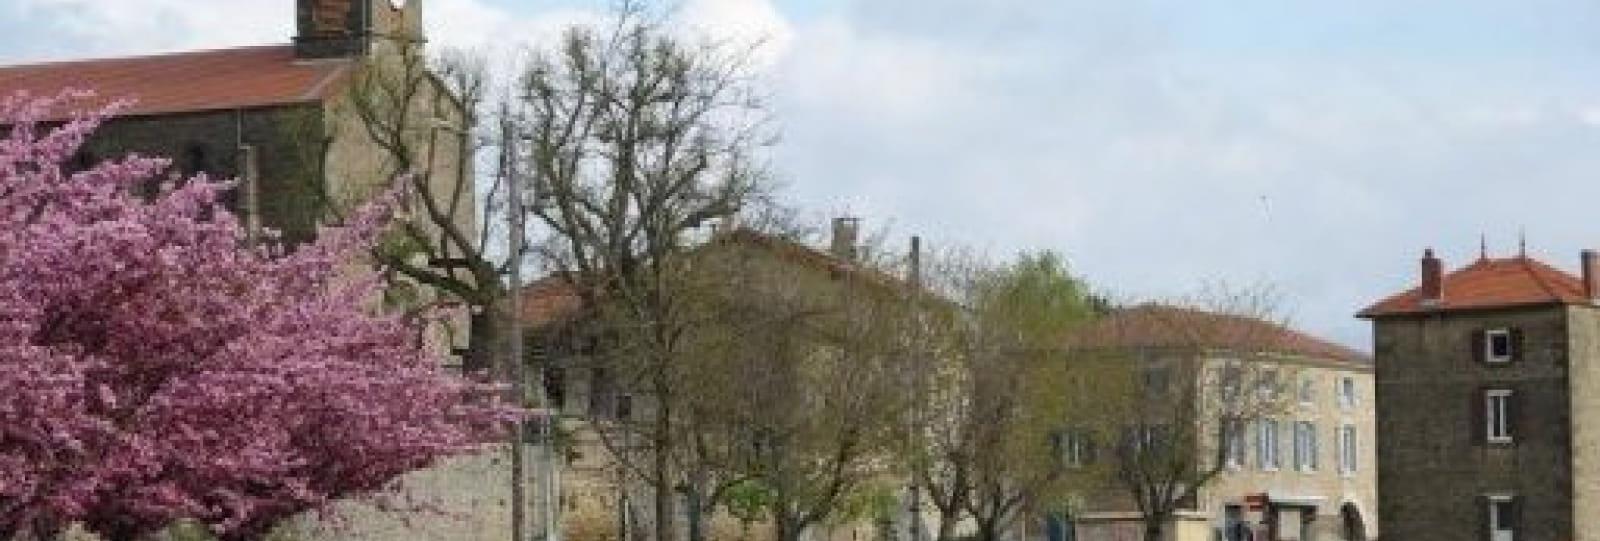 Village de Bren